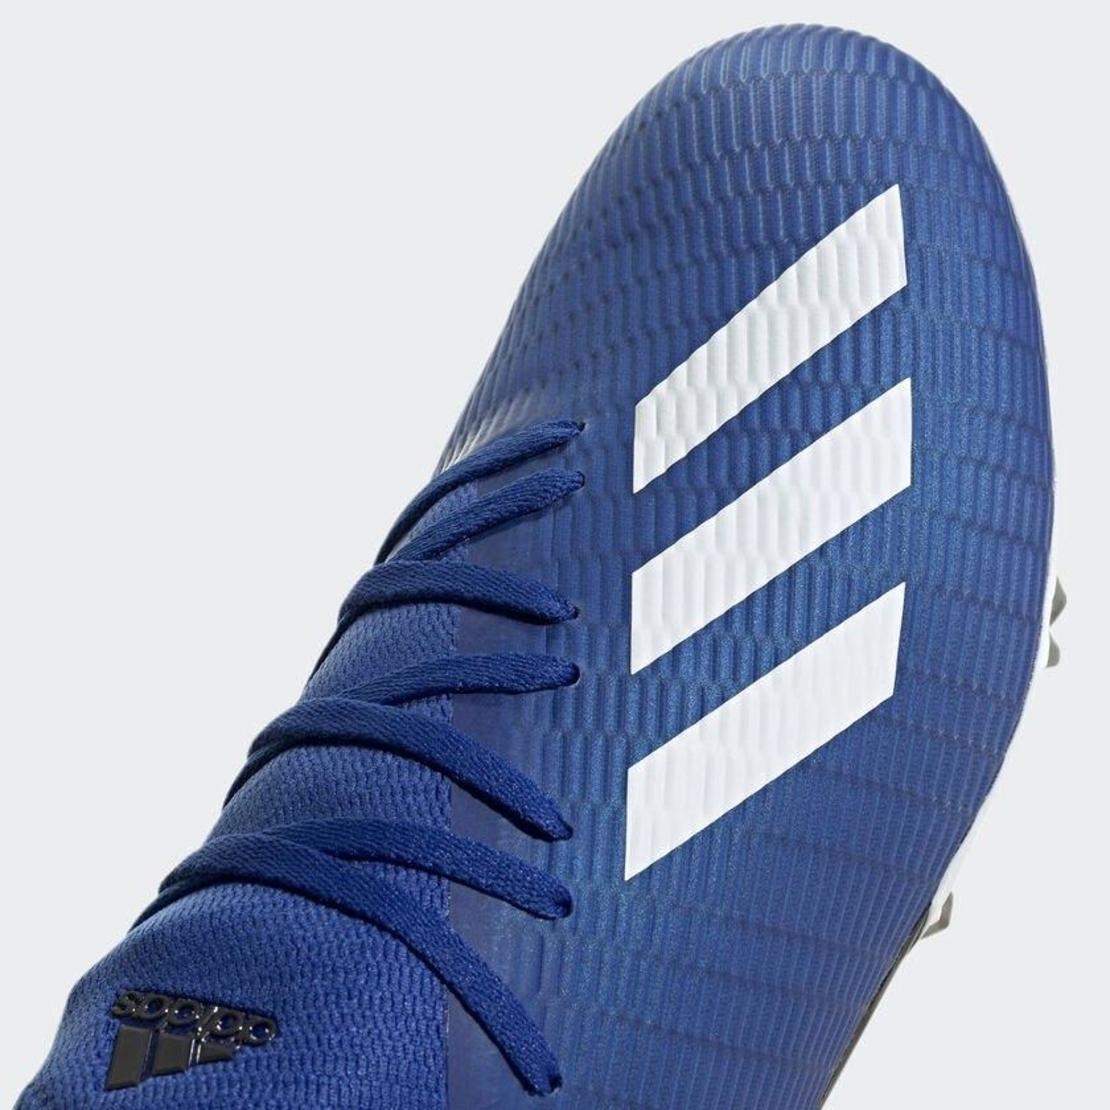 נעלי כדורגל לגברים Adidas X 19.3 Fg (39-46) Eg7130